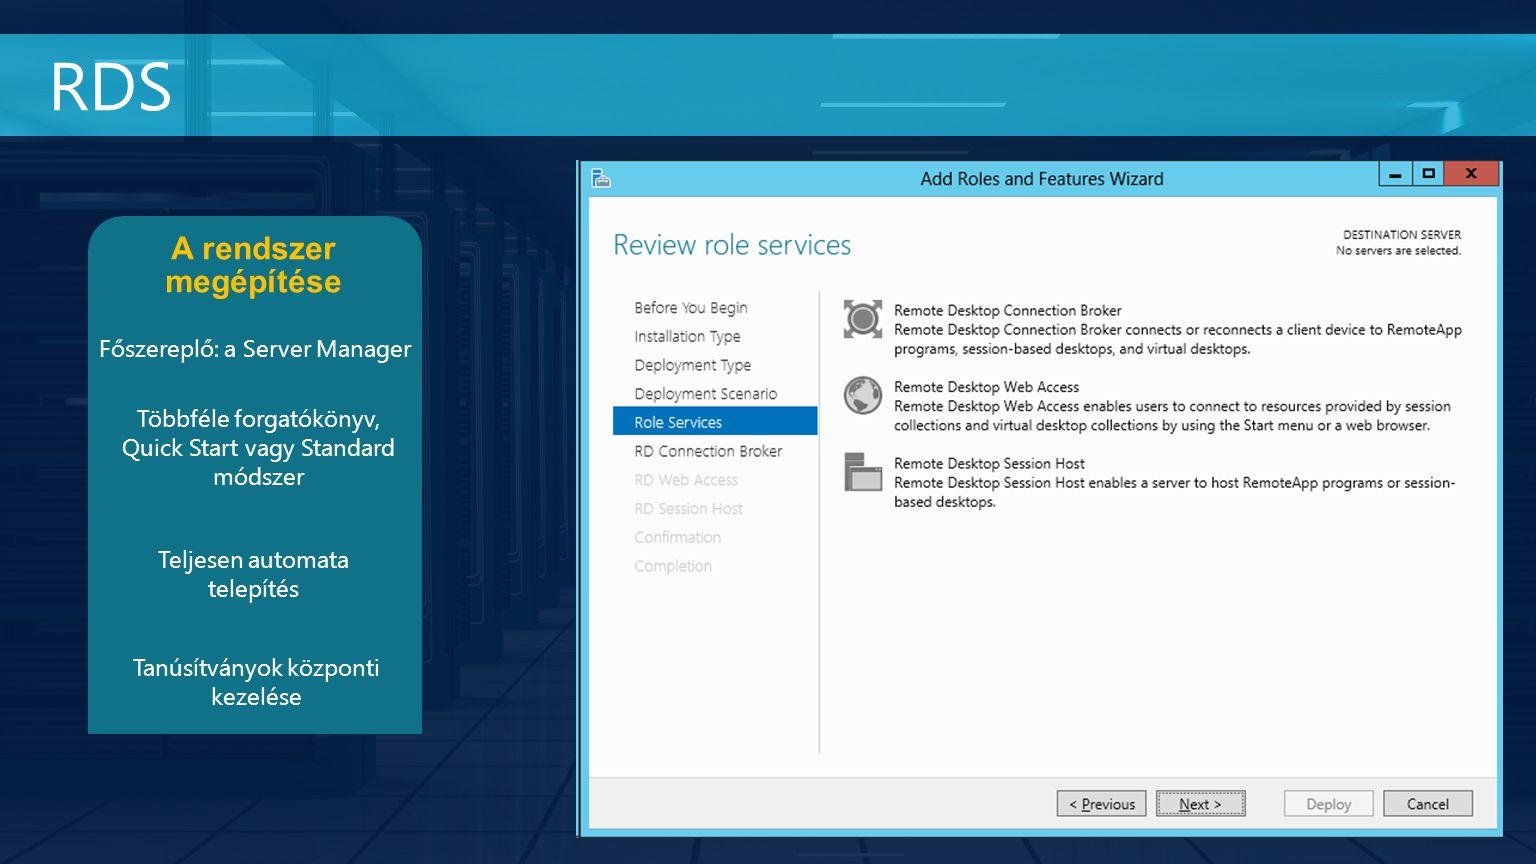 RDS A rendszer megépítése Főszereplő: a Server Manager